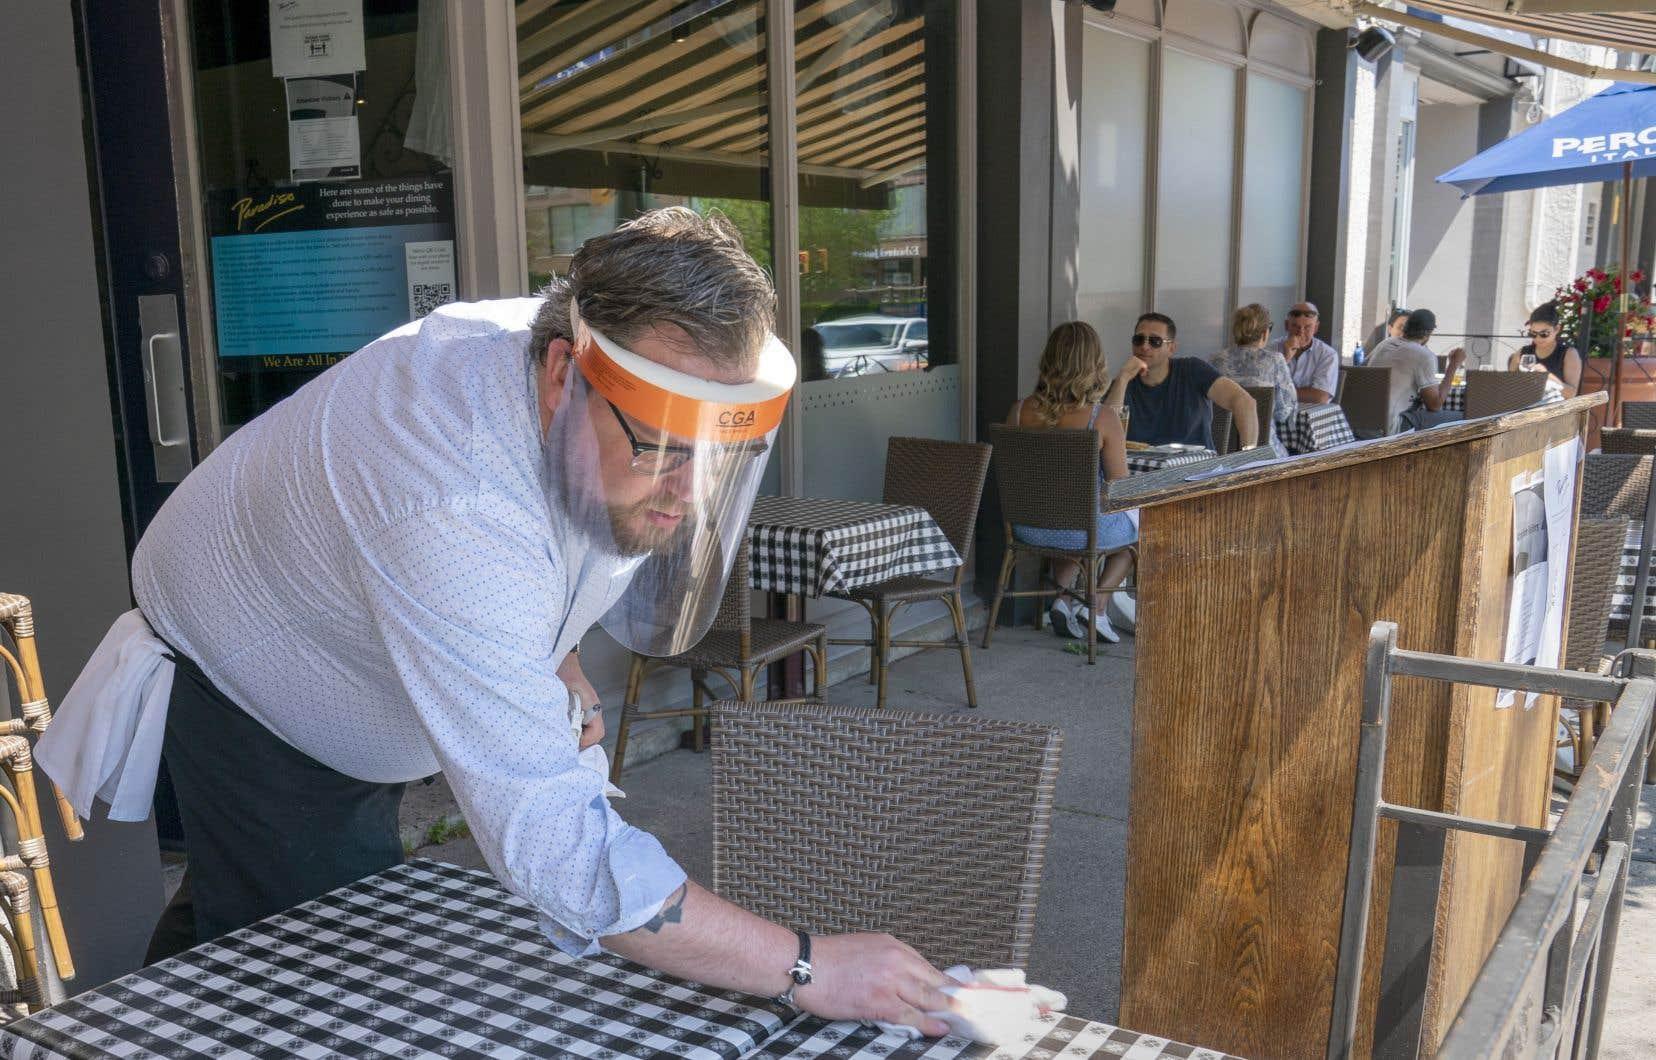 Malgré les assouplissements, dont la réouverture des restaurants, le gouvernement Ford rappelle que la distanciation physique doit être respectée.